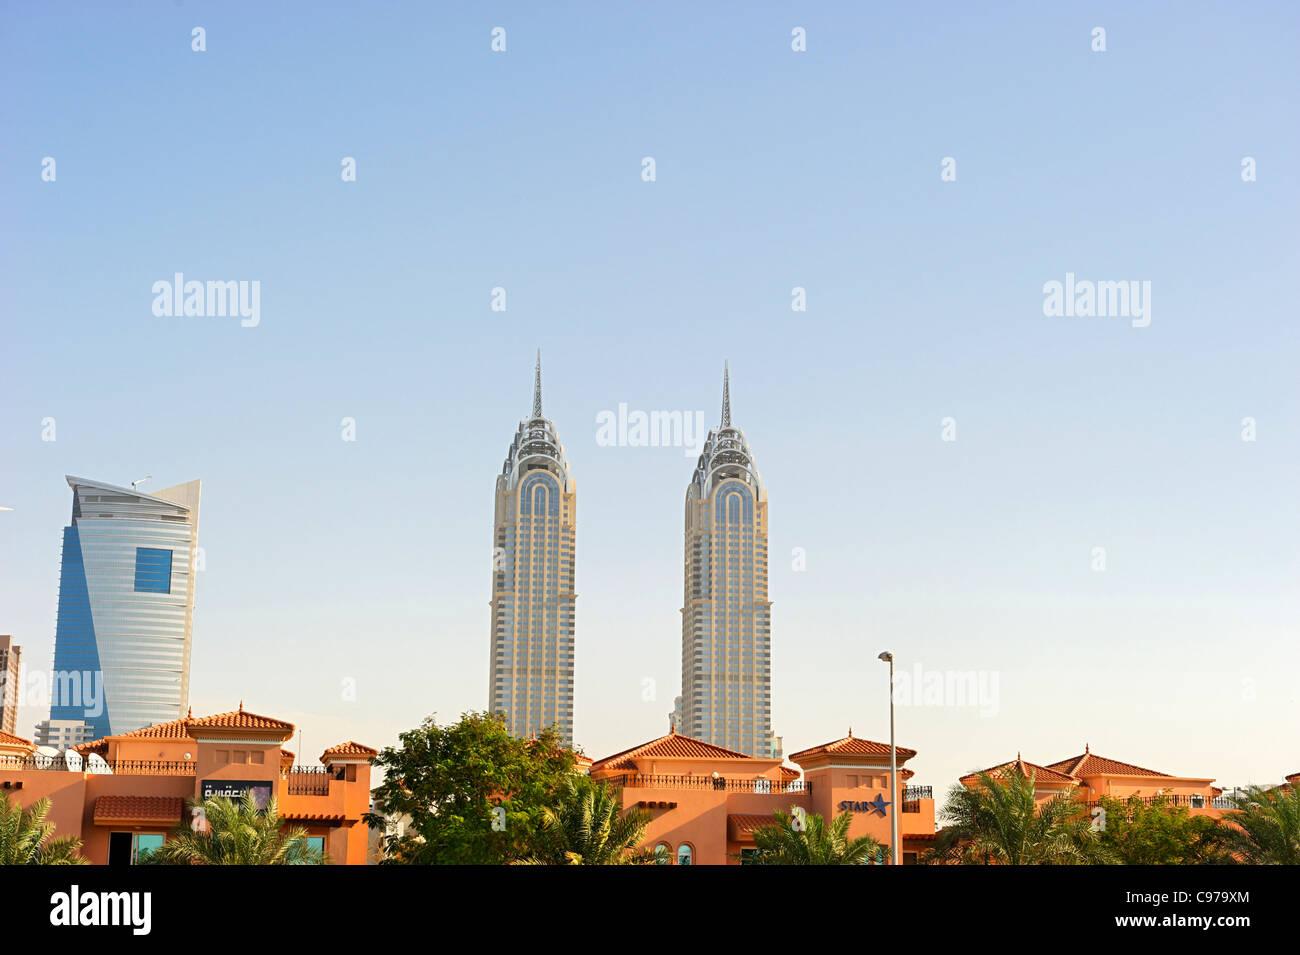 Edifici ad alta, il centro cittadino di Dubai, Dubai, Emirati Arabi Uniti, Medio Oriente Immagini Stock